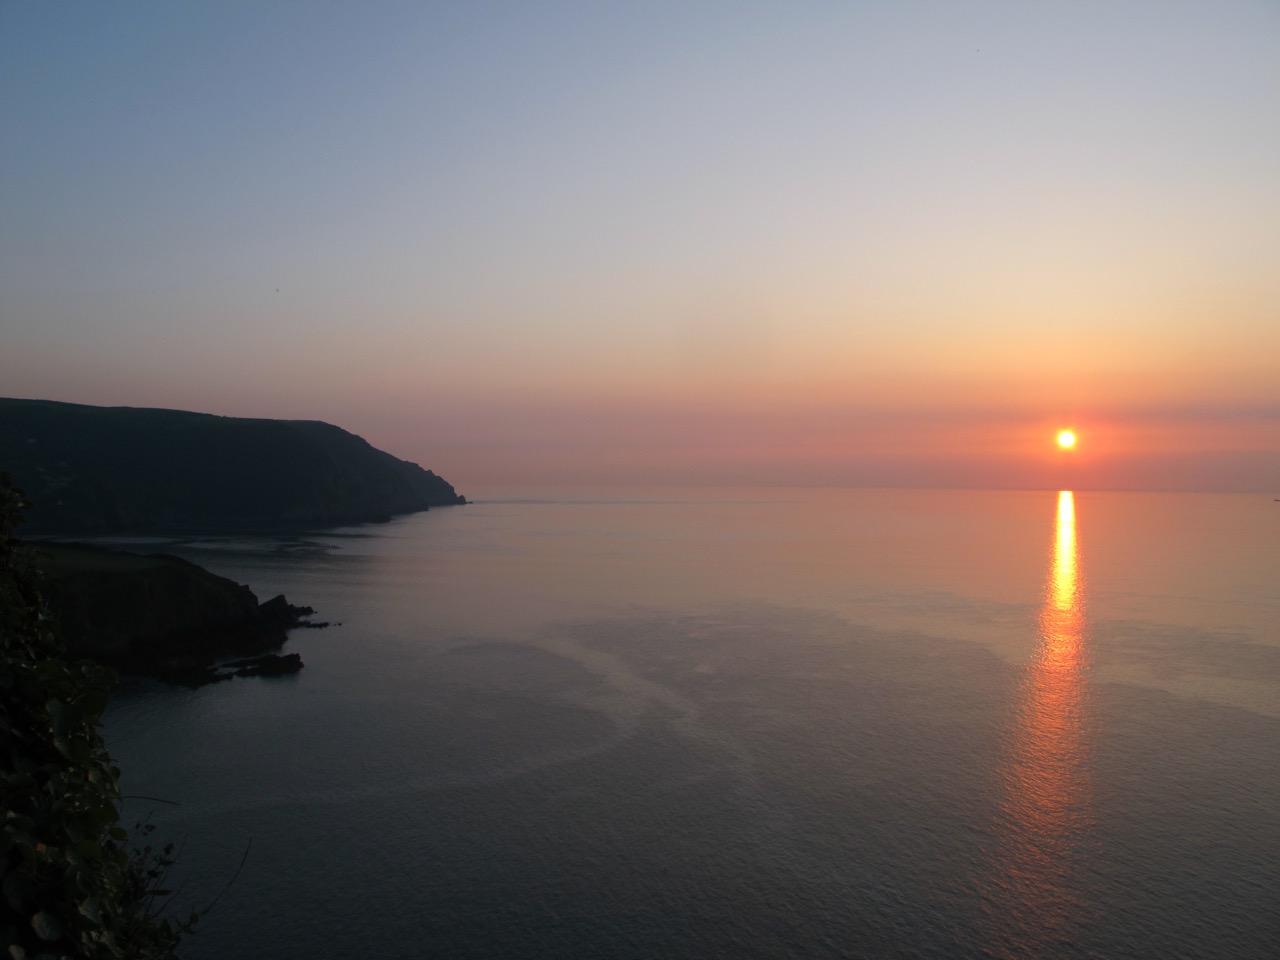 sunset-at-lee-abbey-devon